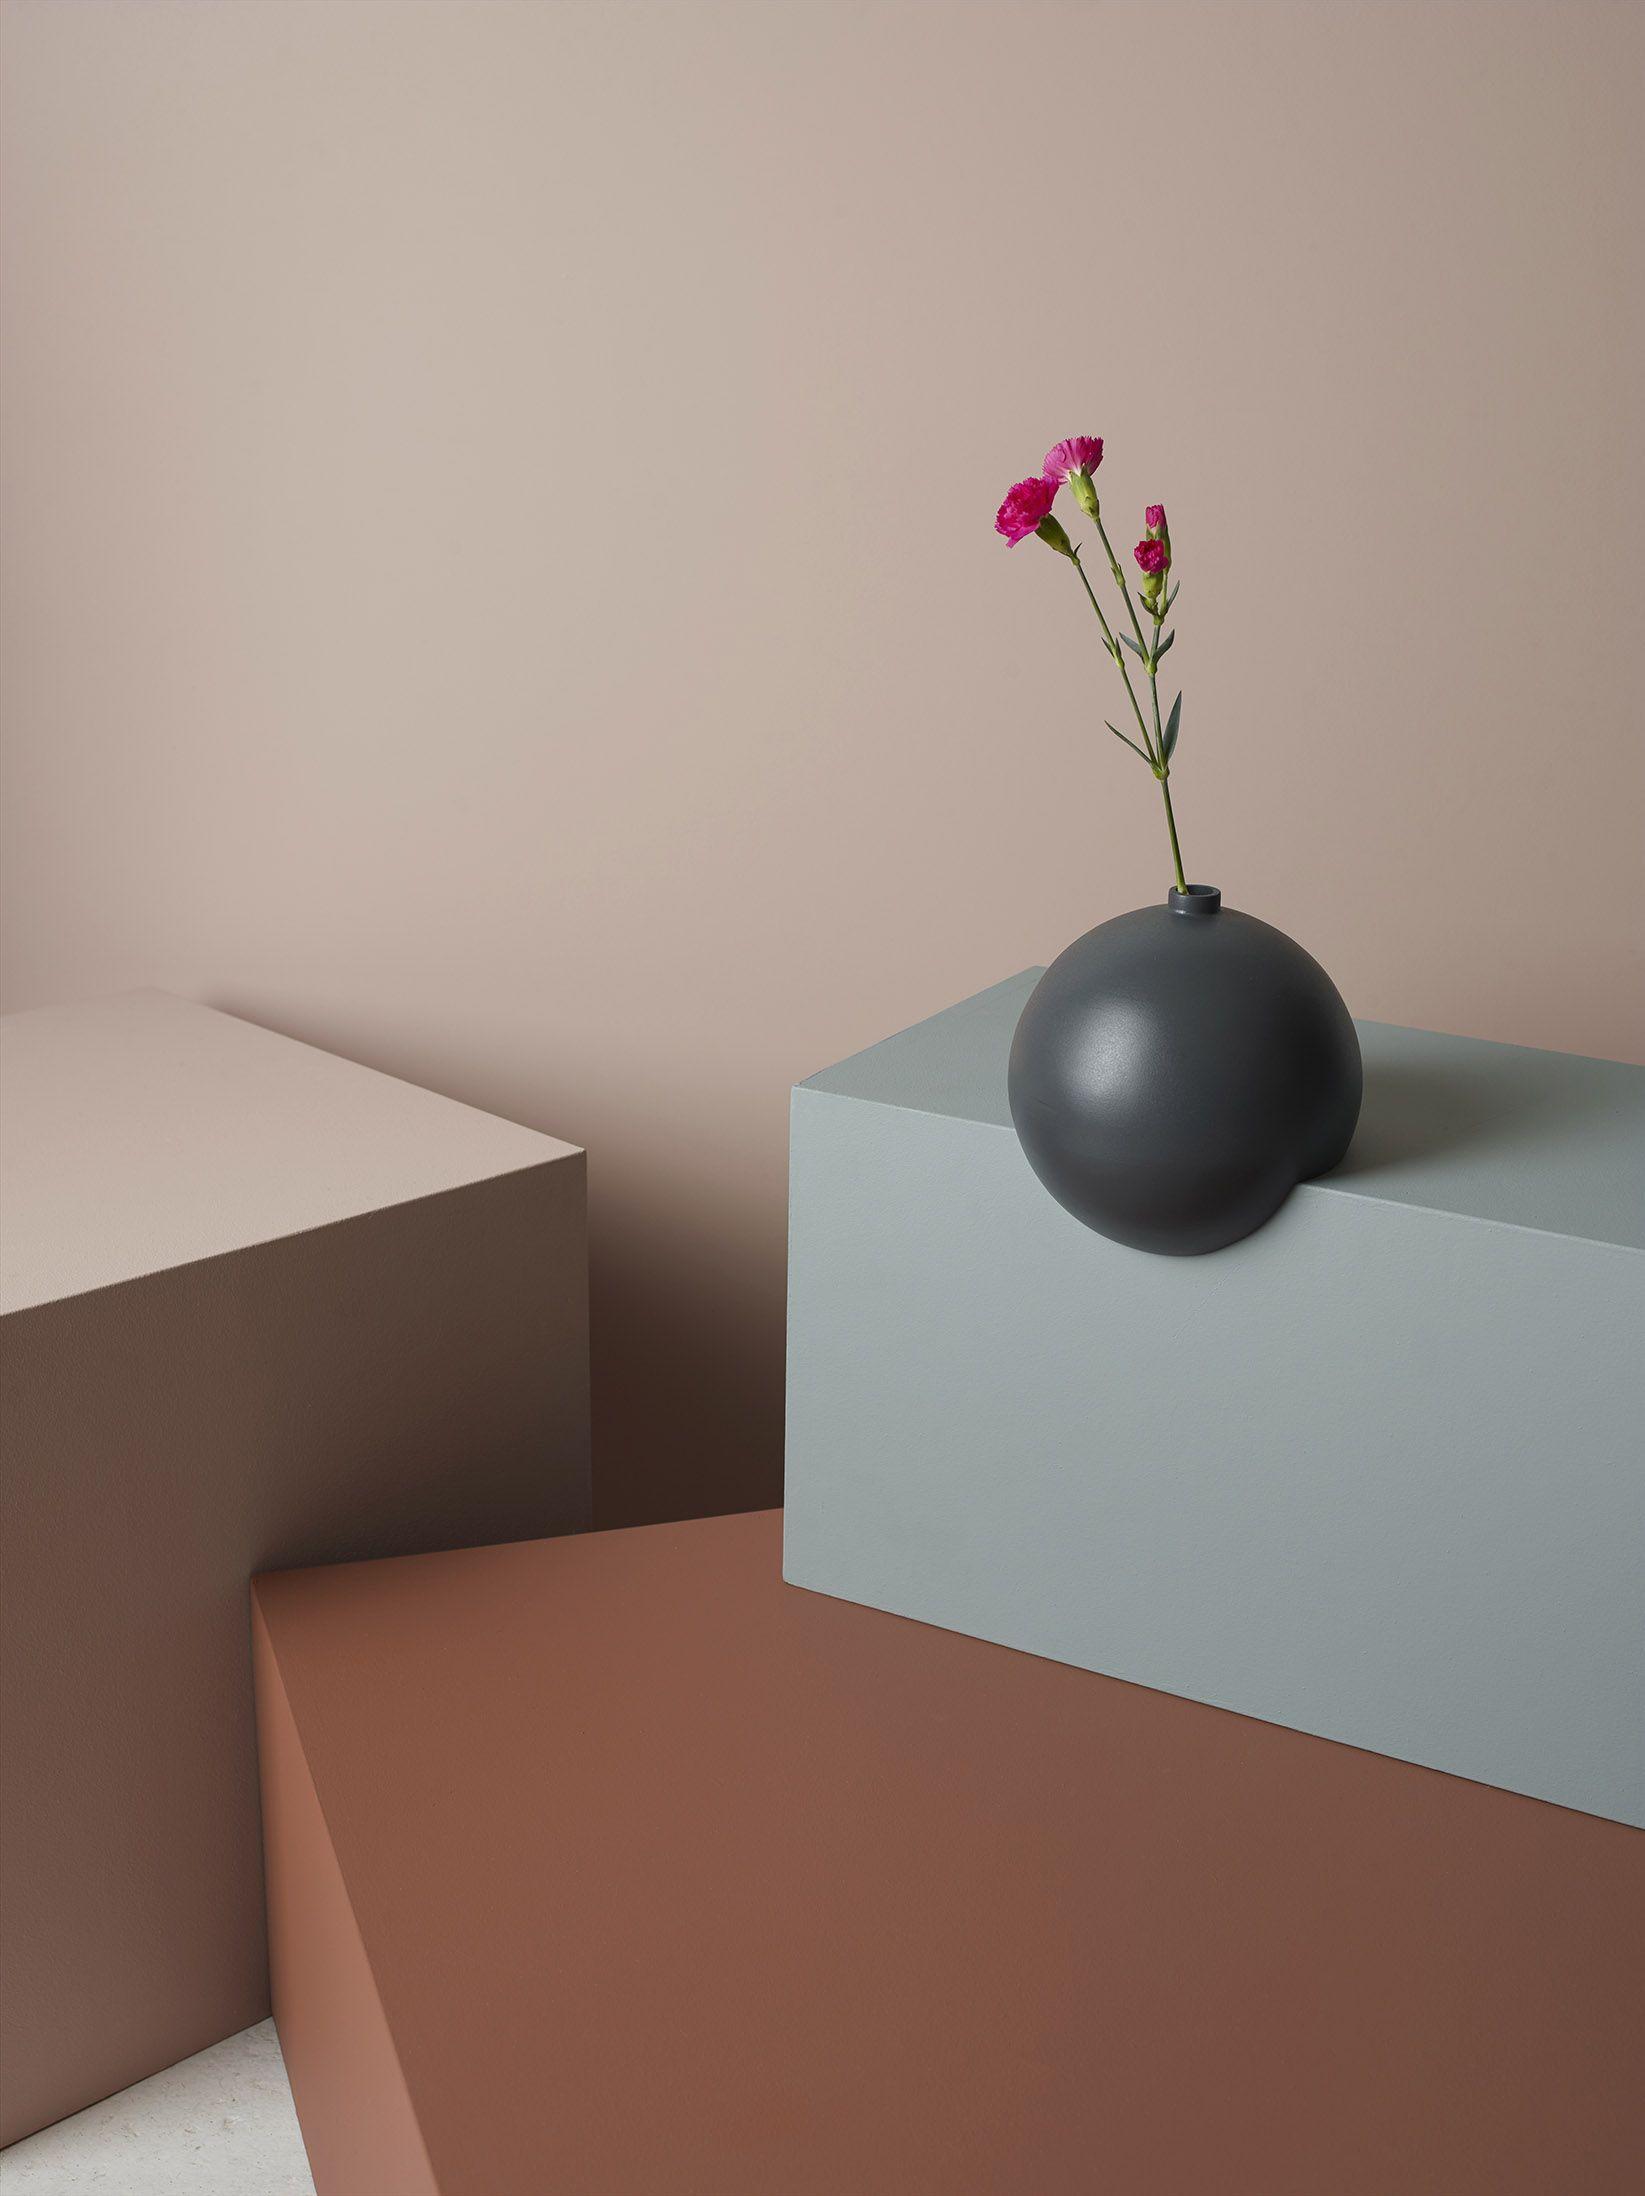 Falke svatun décoration intérieure et extérieure inspiration couleur objet décoration peinture salon